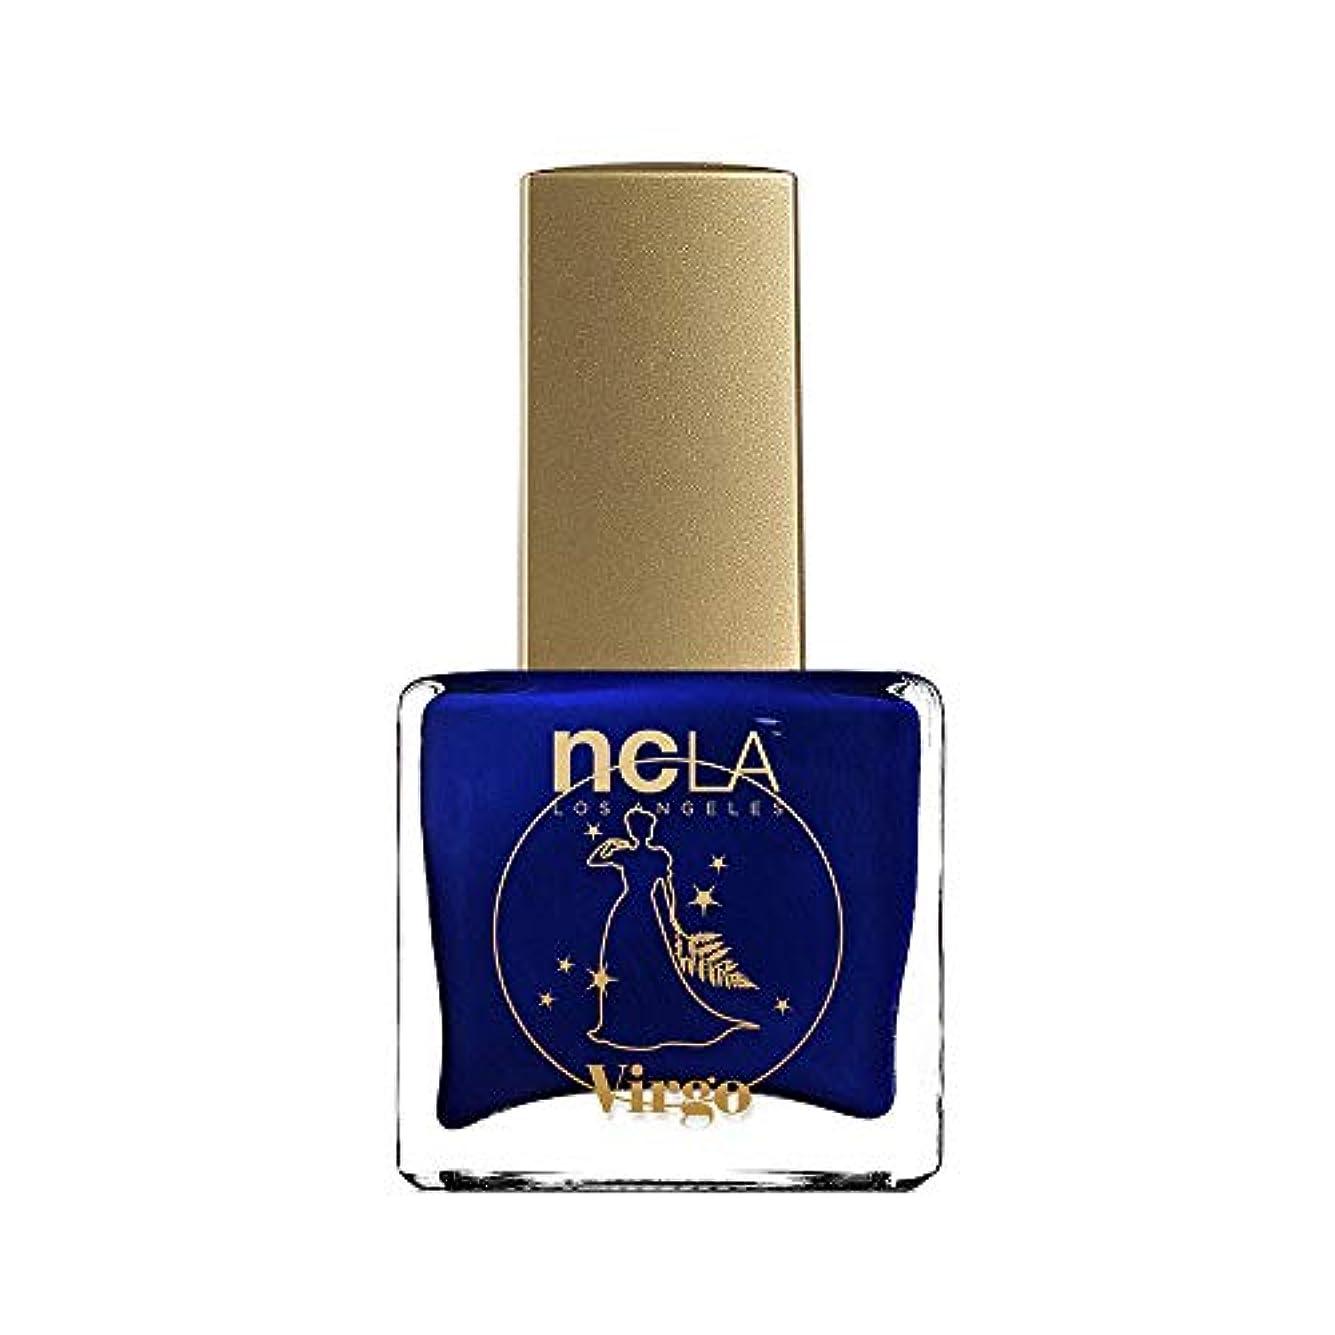 真実に素晴らしき存在NCLA 乙女座、1オンス 青